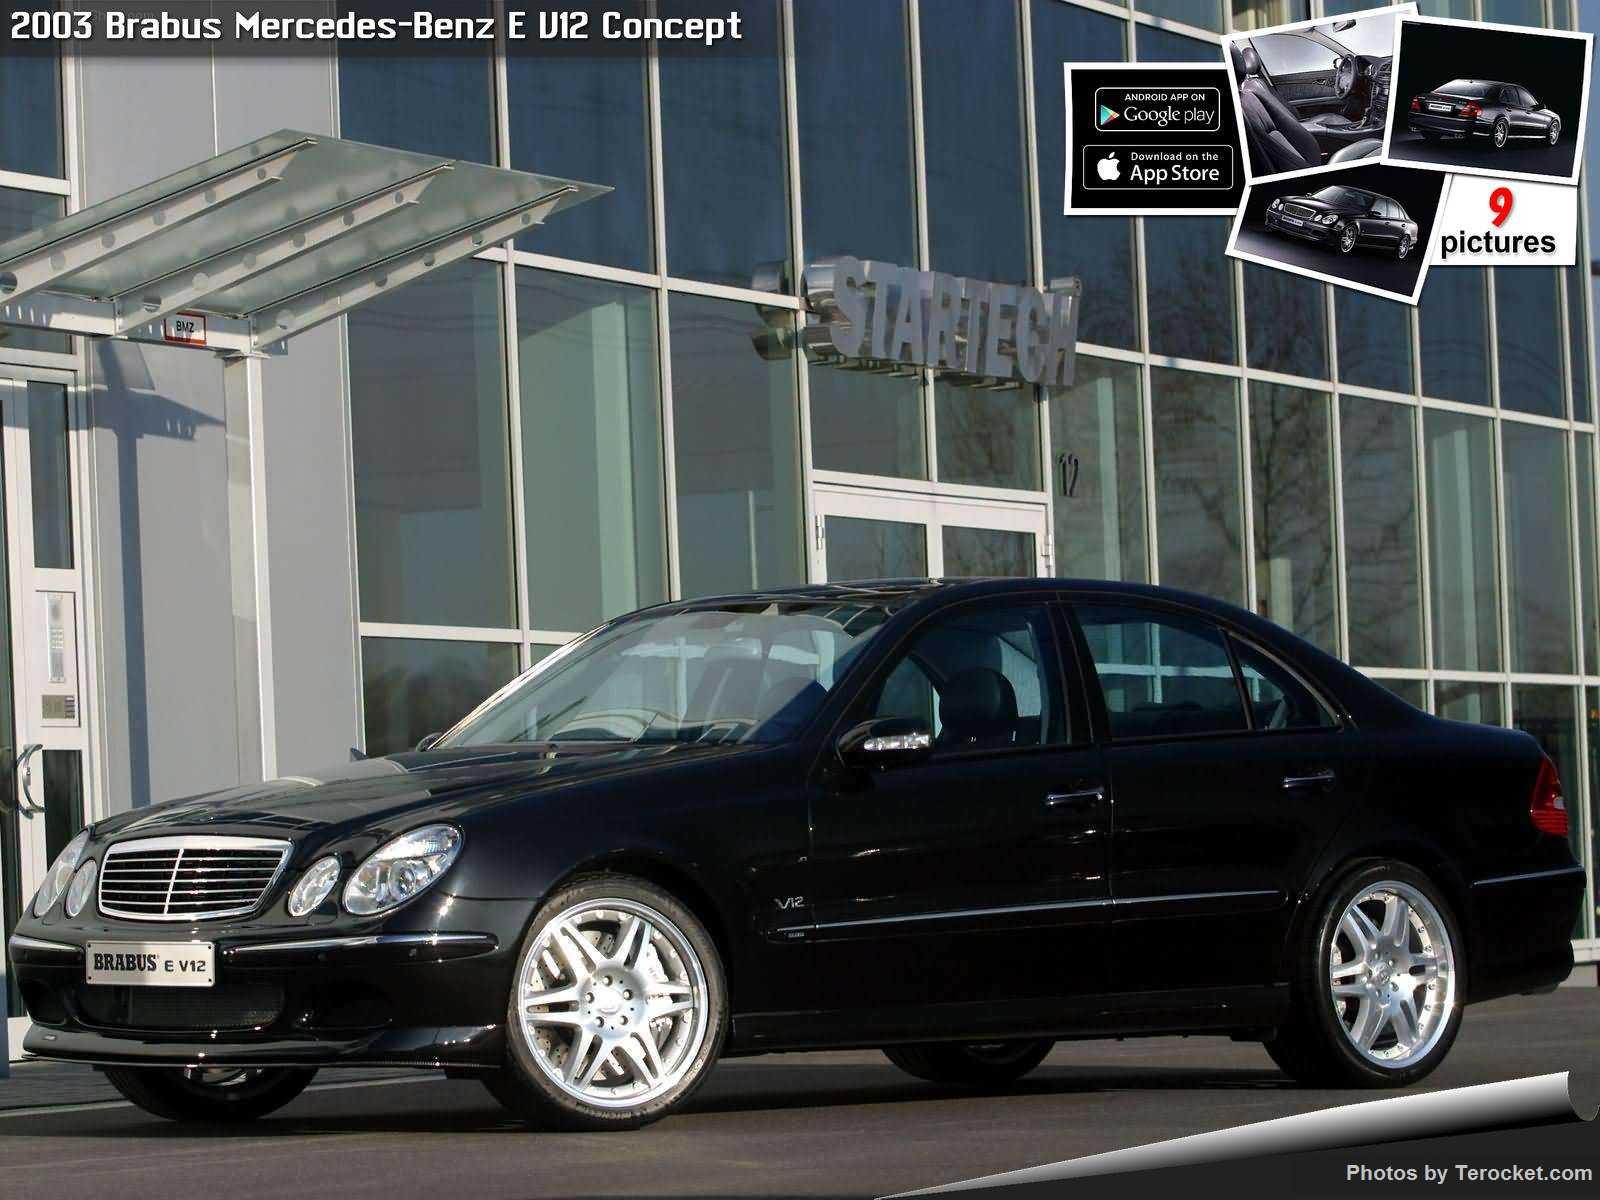 Hình ảnh xe ô tô Brabus Mercedes-Benz E V12 Concept 2003 & nội ngoại thất